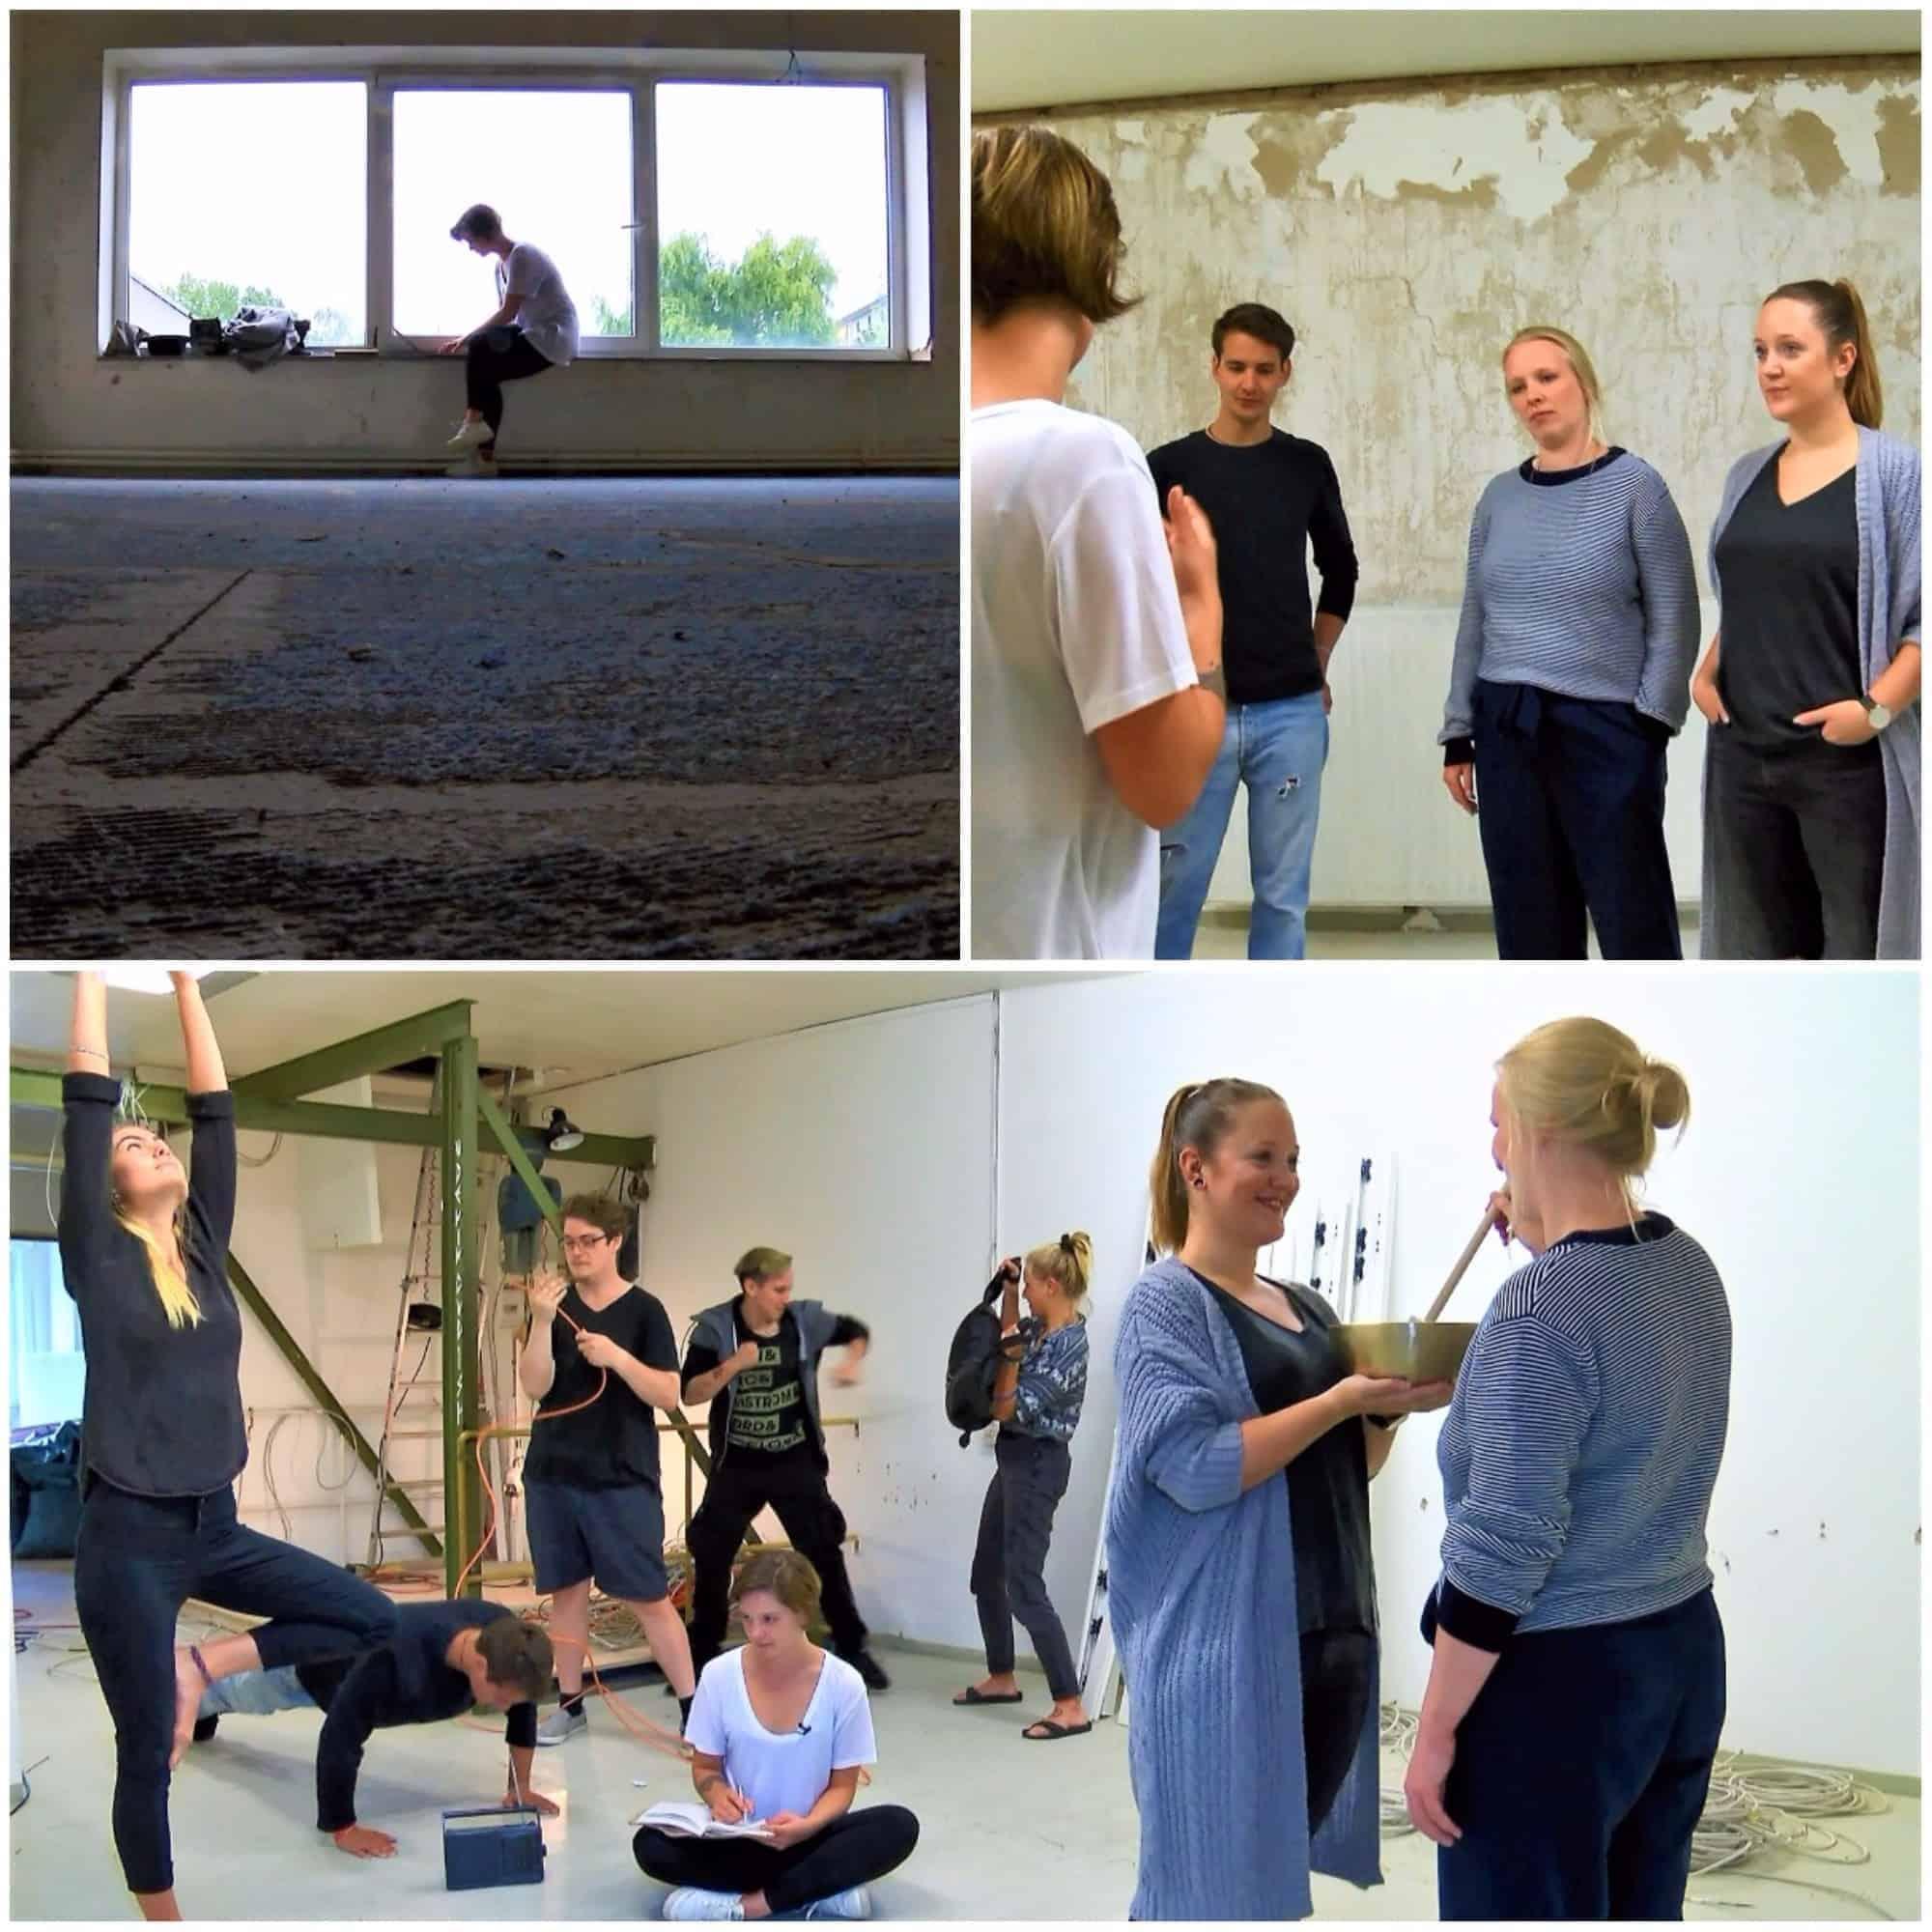 Style Hannover Stadtkind wasmitherz Collage - wasmitherz - Neue Räume für individuelle Kultur- und Kreativprojekte